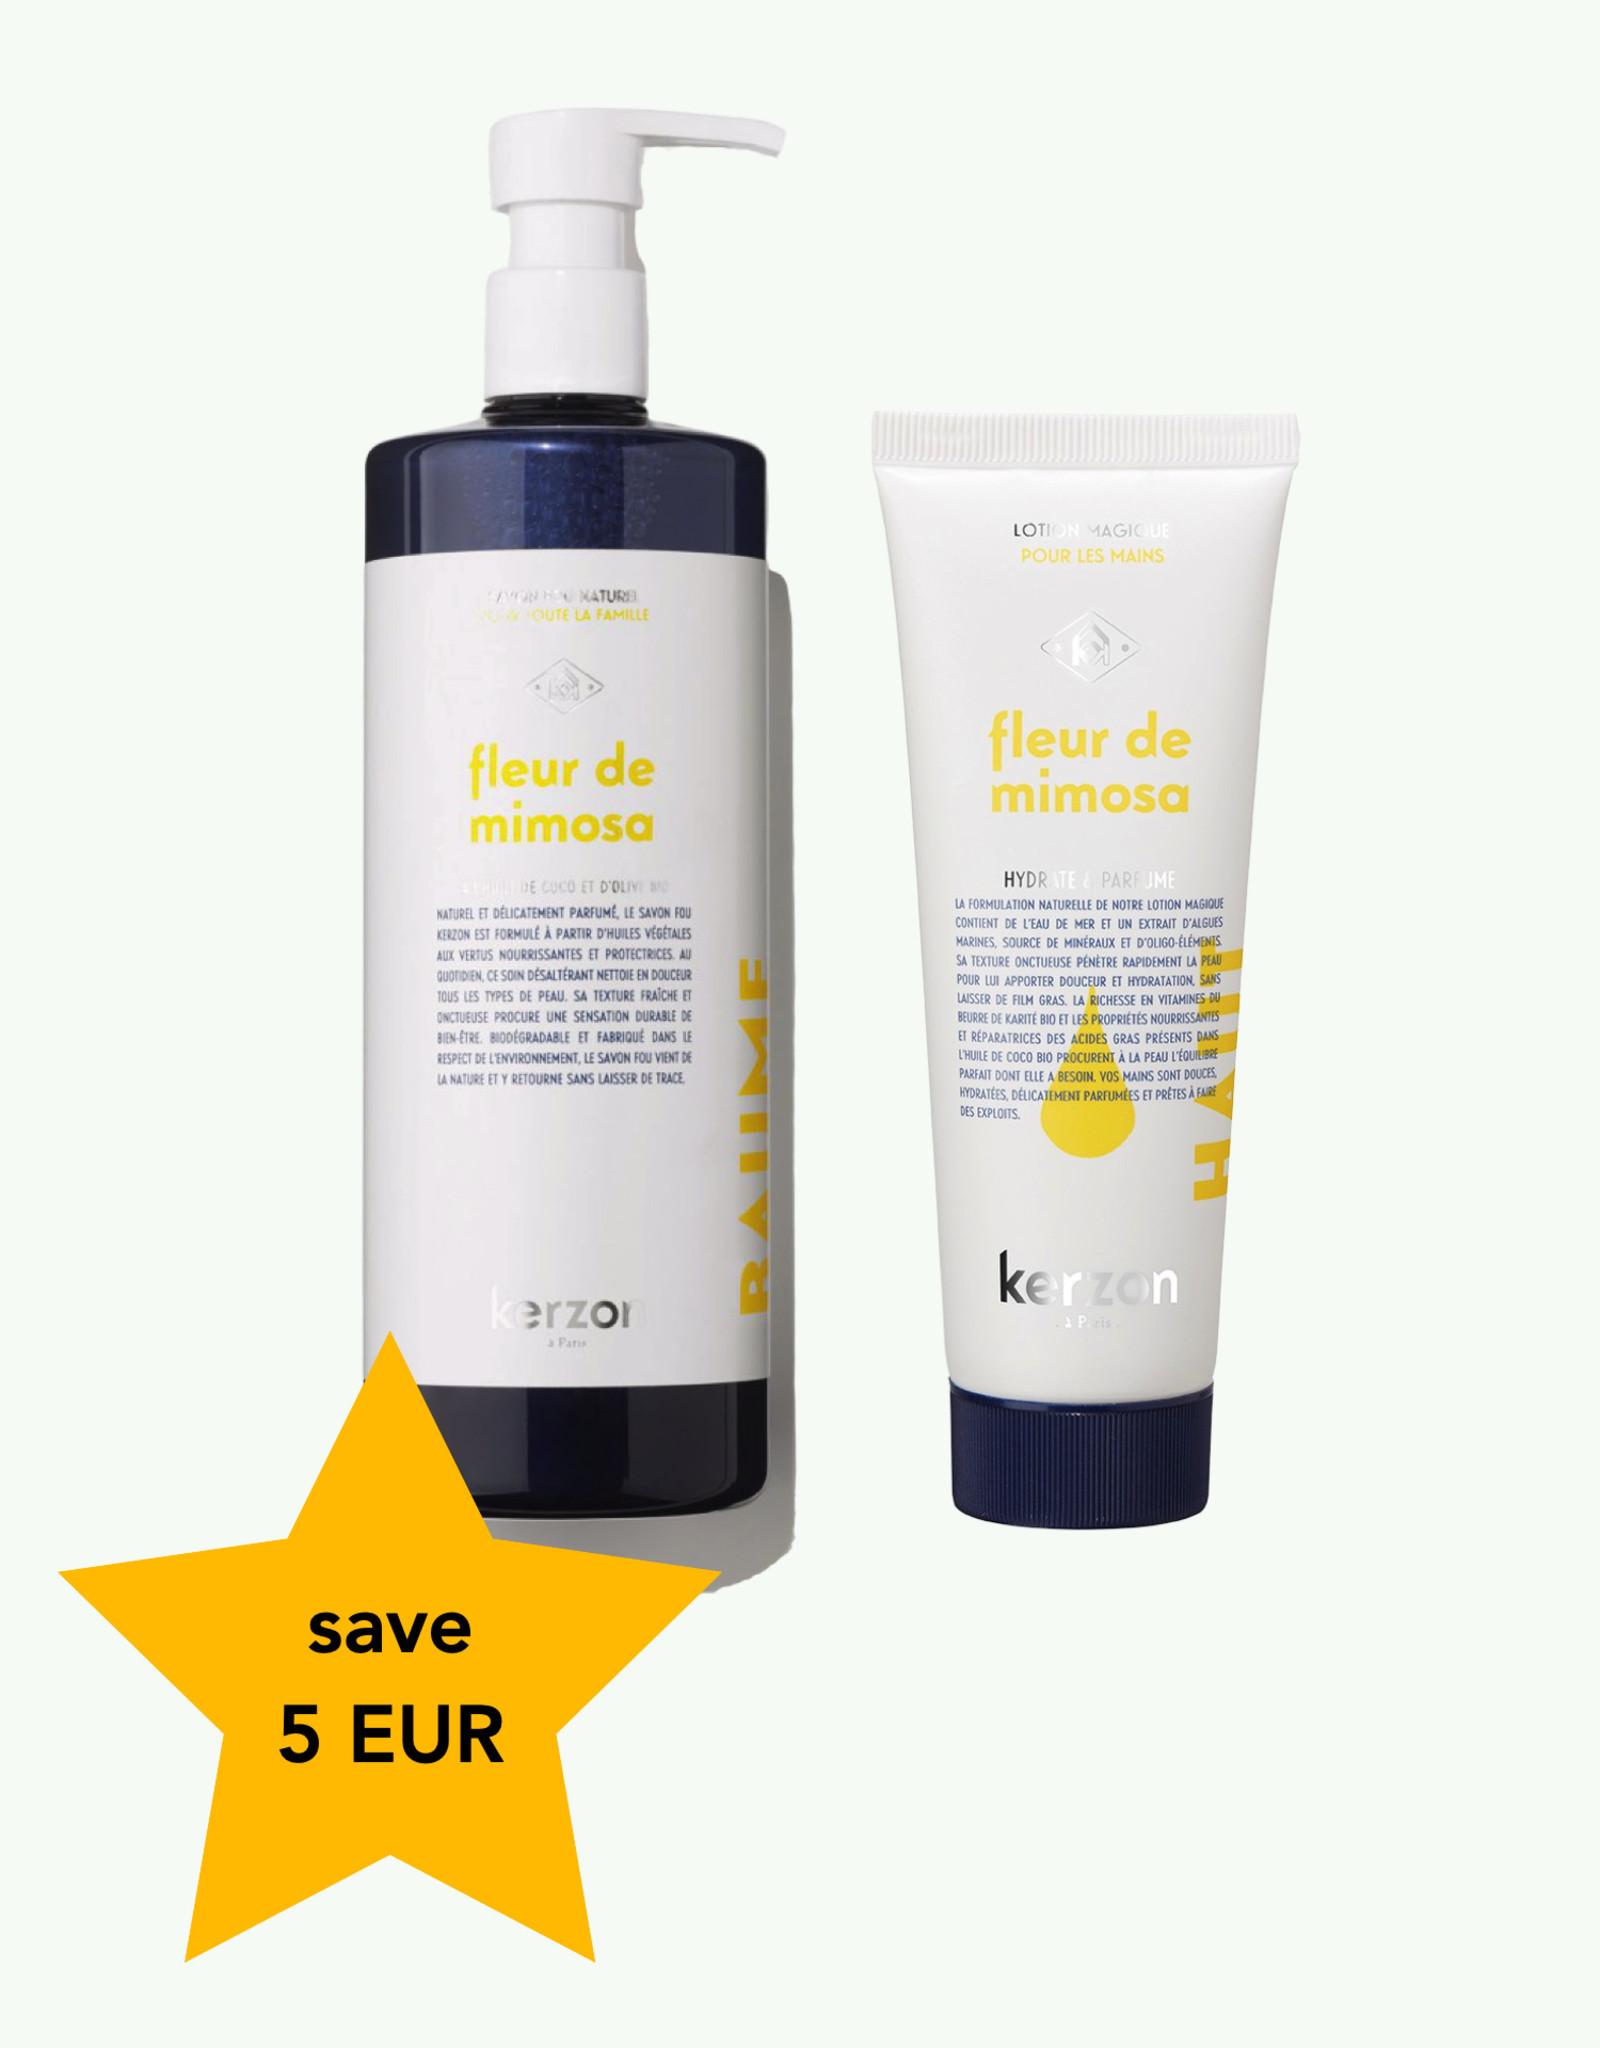 Kerzon Duo Fleur de Mimosa - Vloeibare zeep en handcreme - Kerzon